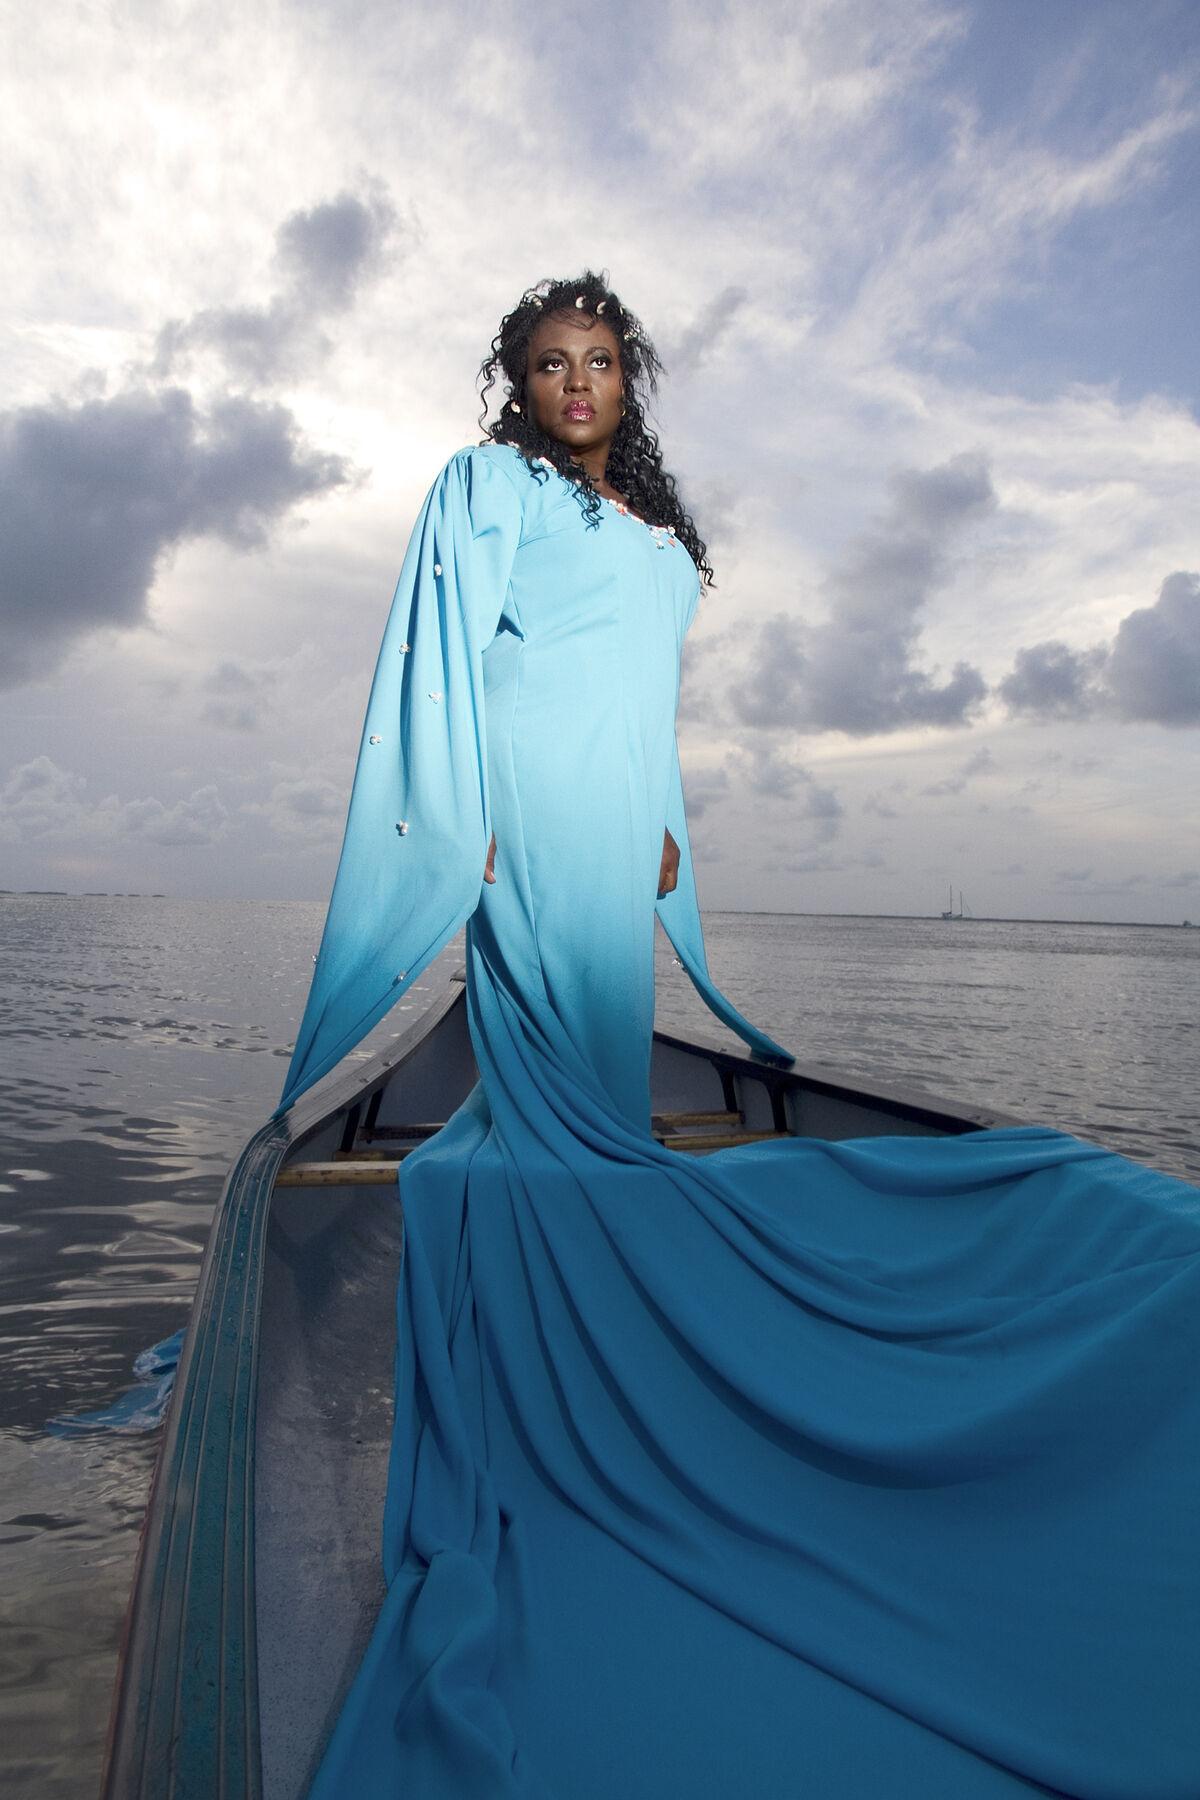 Elia Alba, The Orisha (Juana Valdes), 2015. Courtesy of the Shelley & Donald Rubin Foundation.